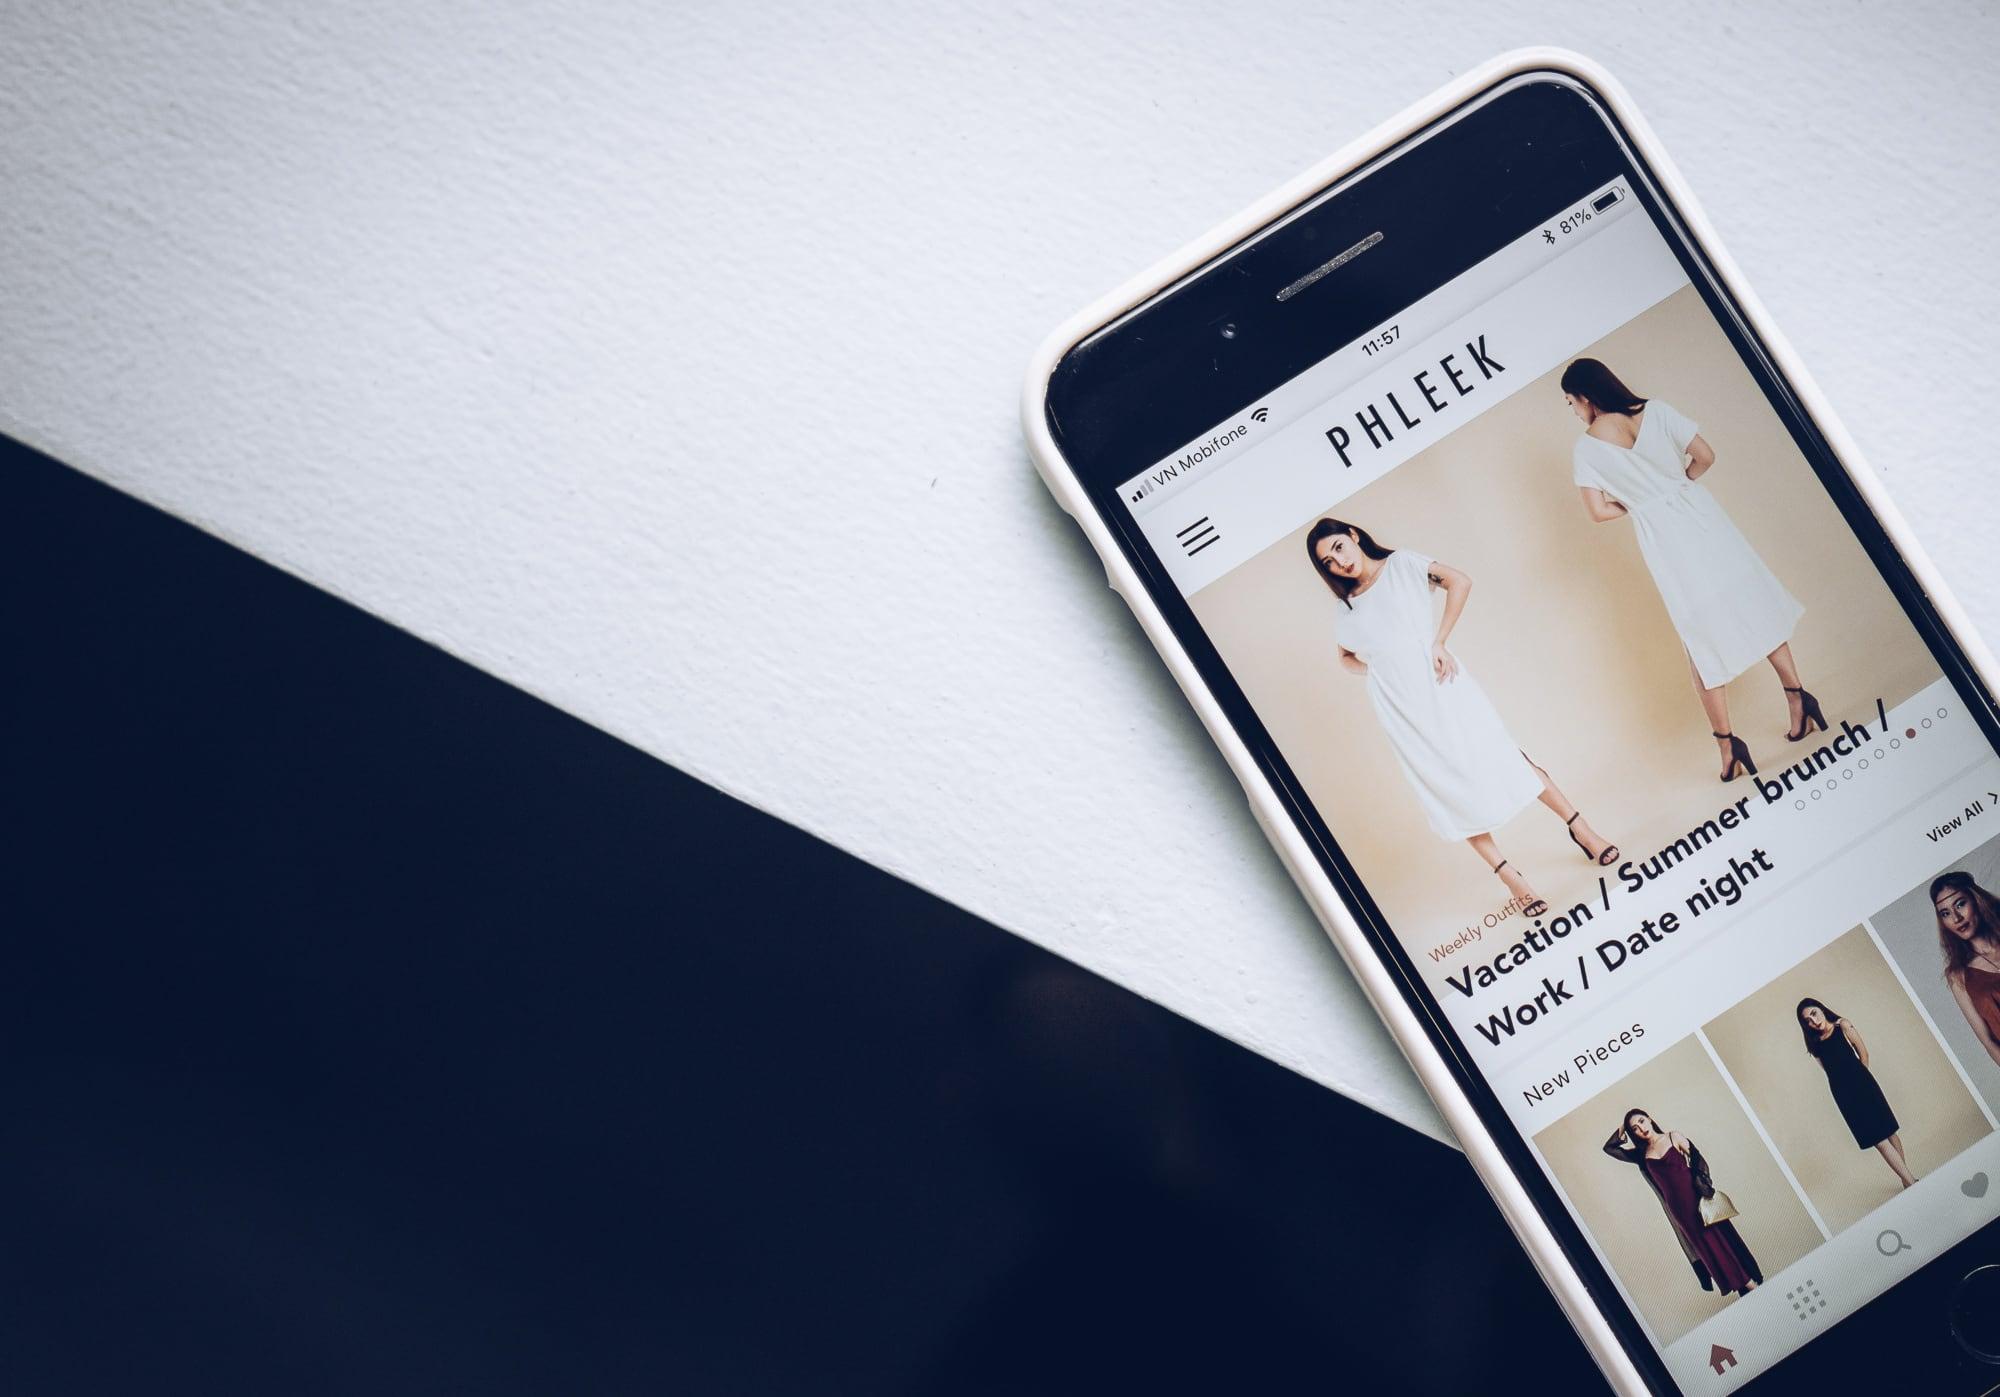 Phleek App